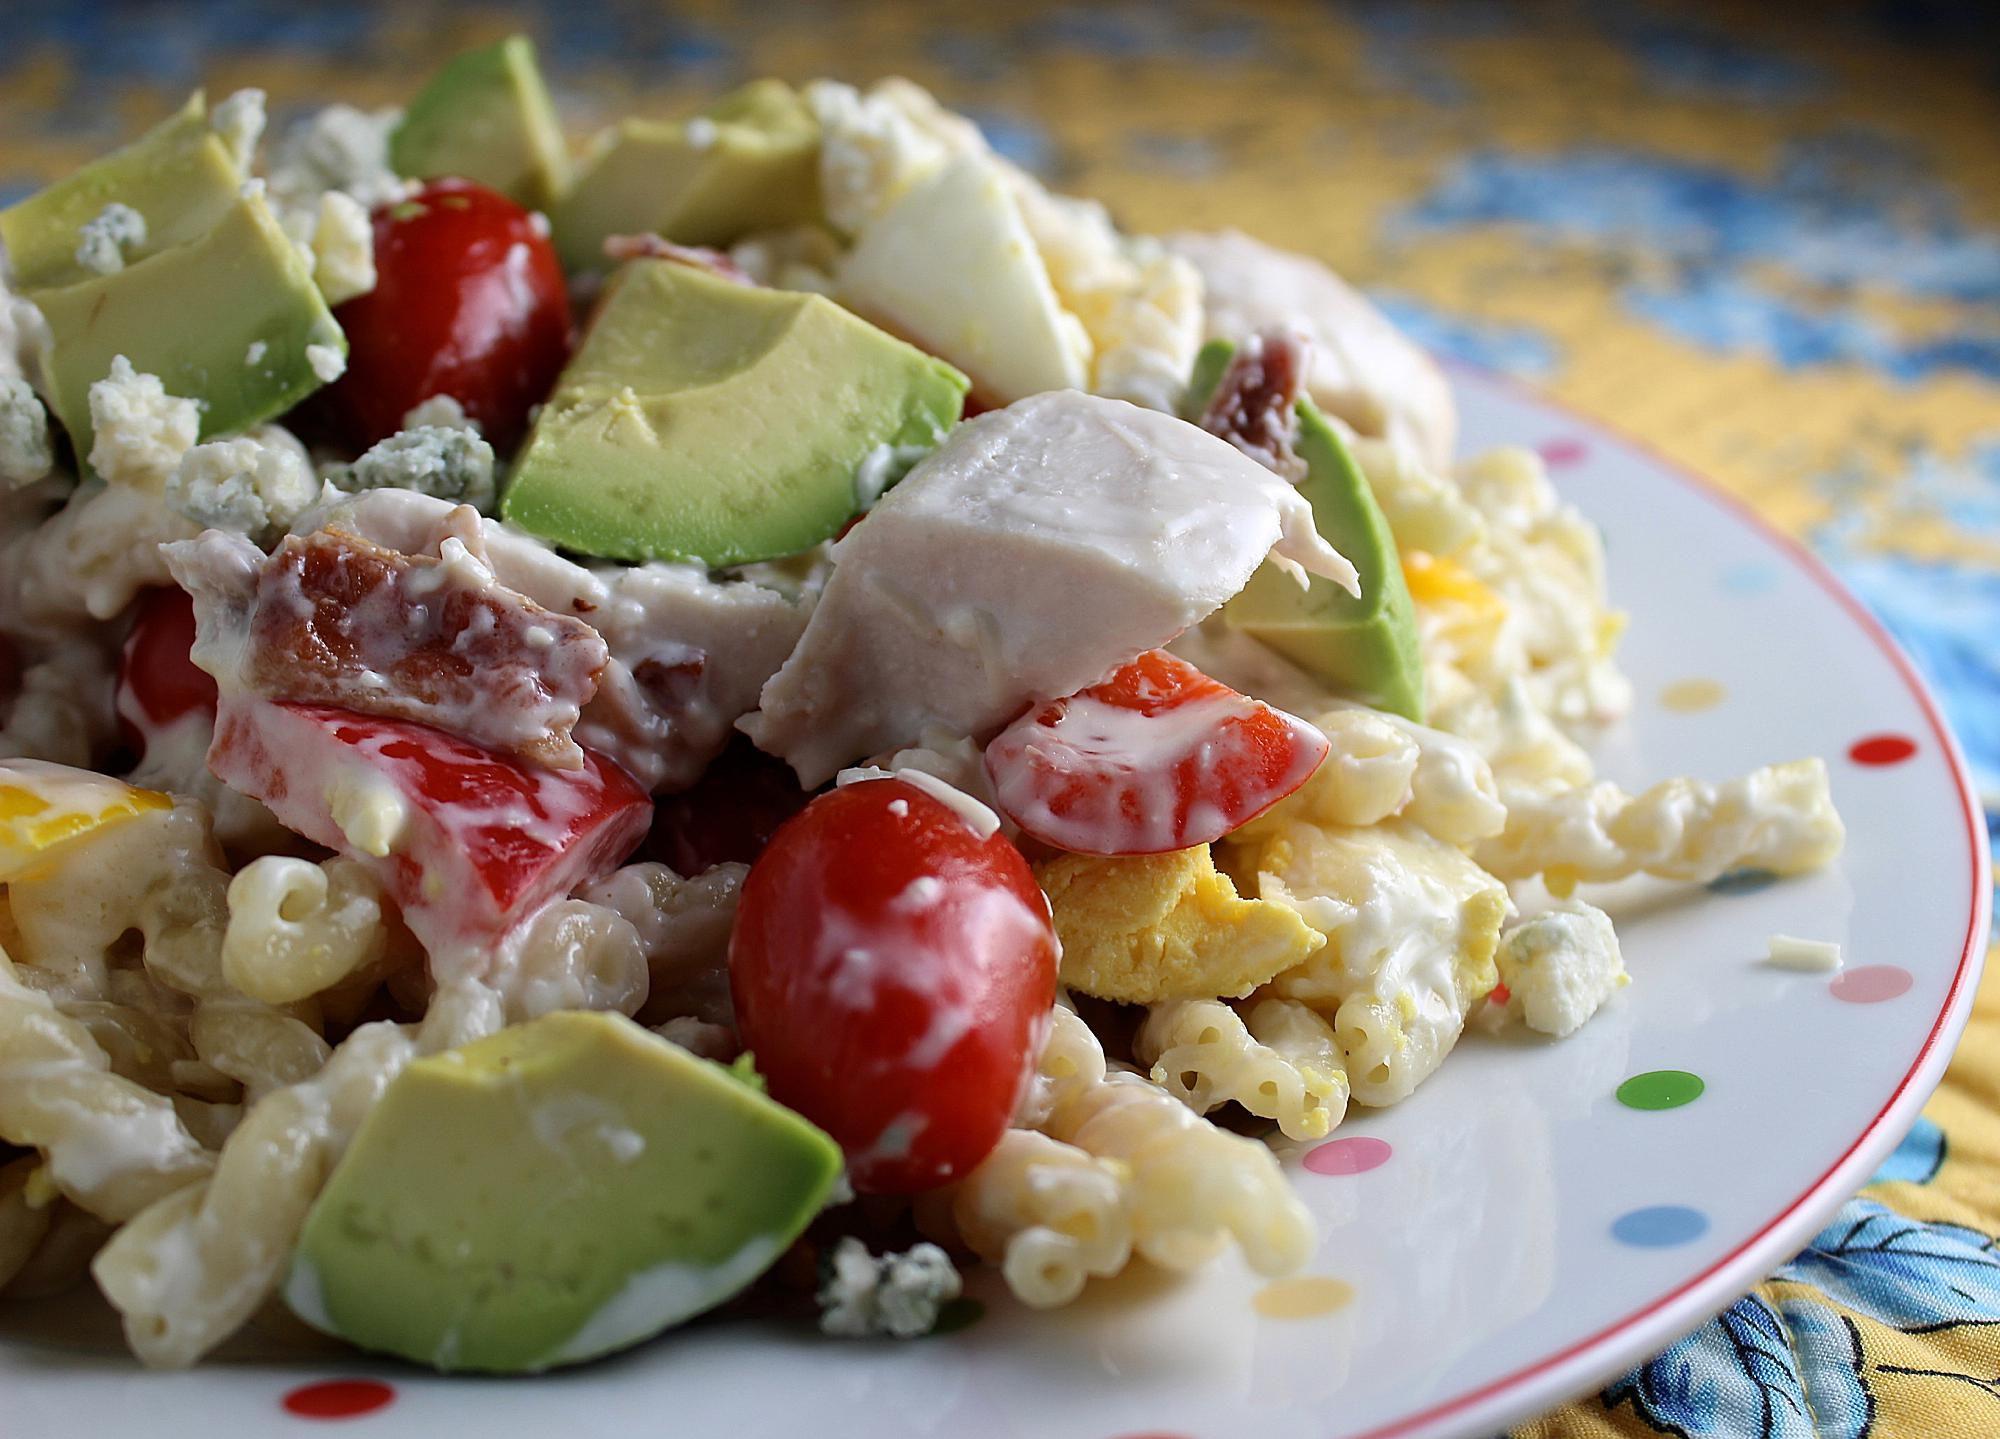 Fall Main Dishes  Top 4 Fall Main Dish Salad Recipes